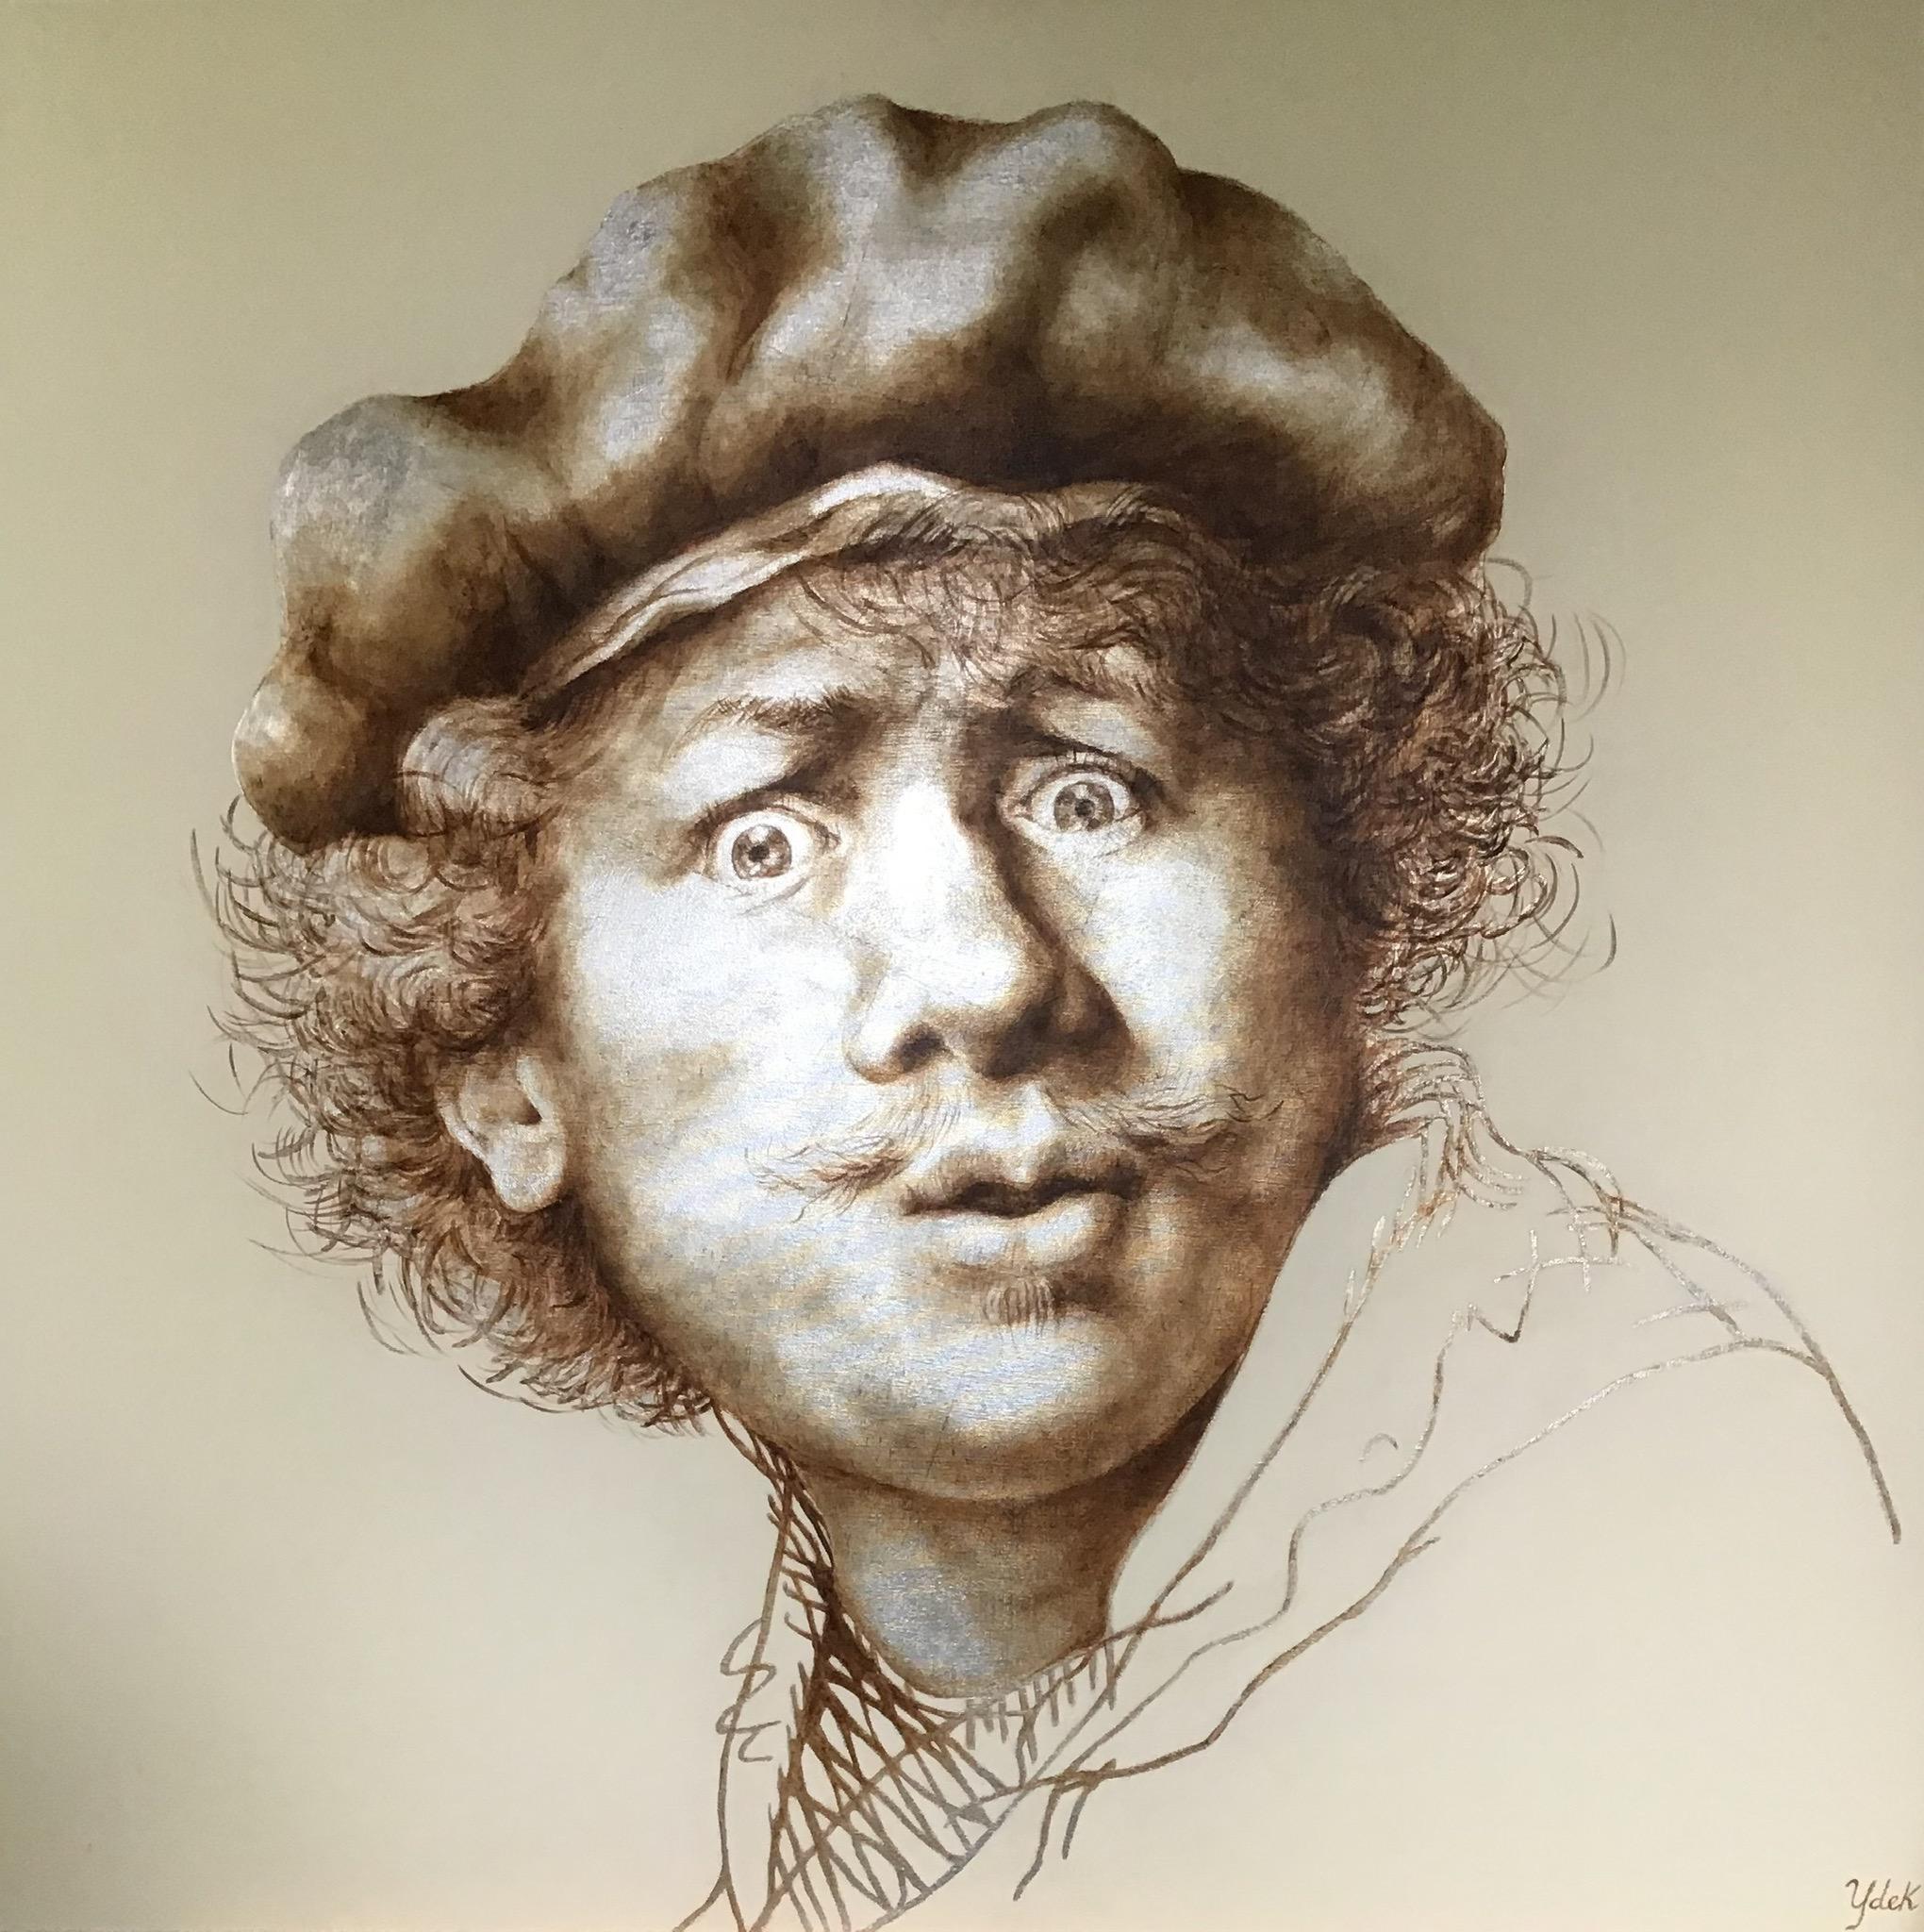 Nieuw werk - Na de opening van de tentoonstelling Lang Leve Rembrandt heb ik meteen een nieuw zelfportret van Rembrandt geschilderd.